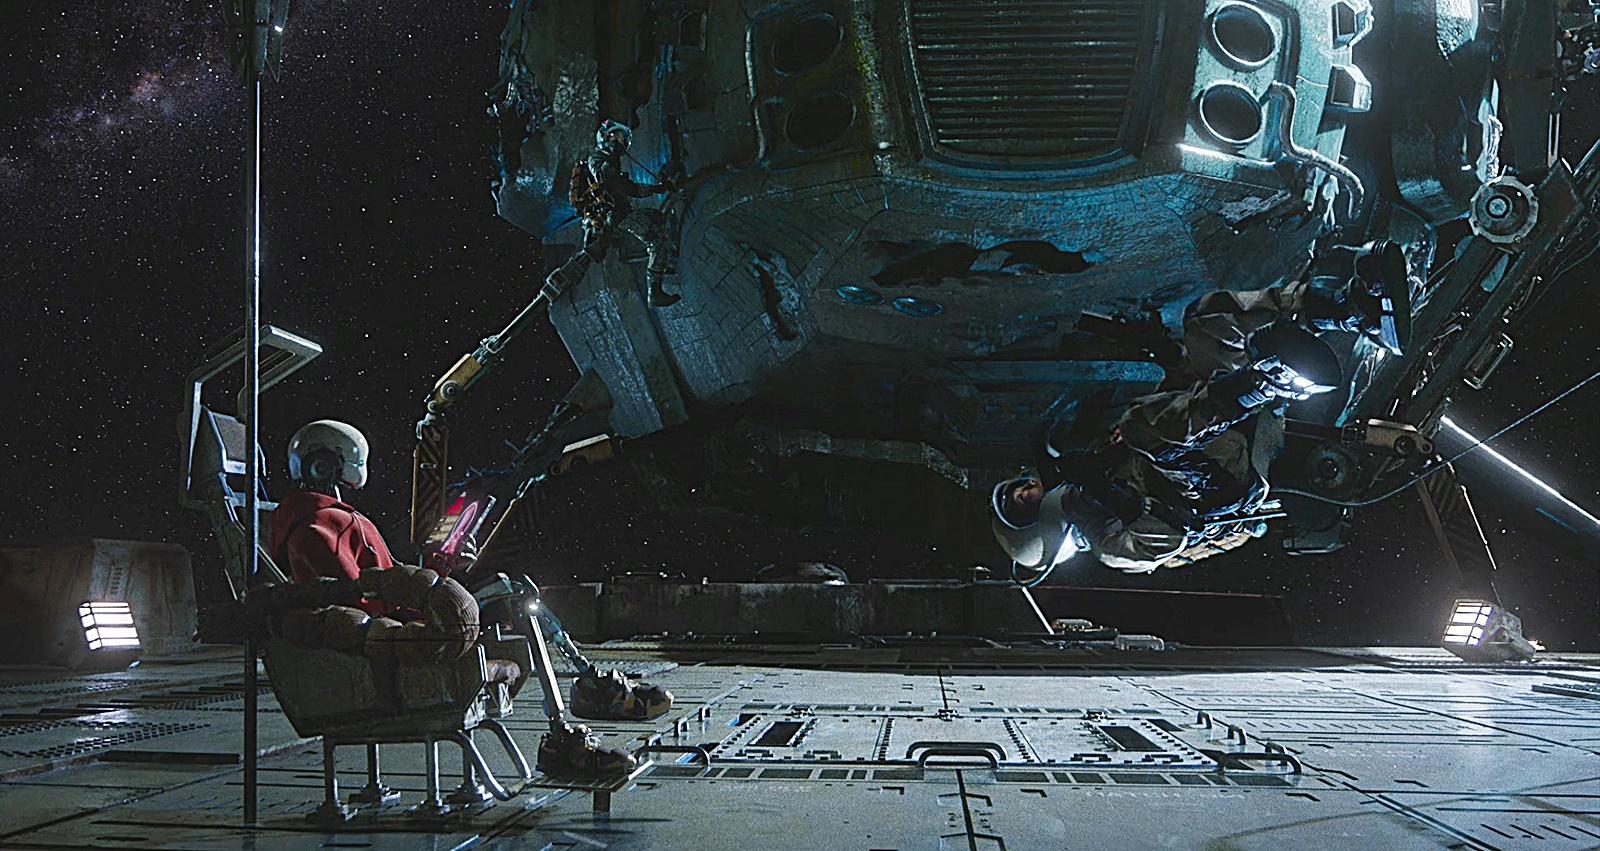 우주 작업 장면